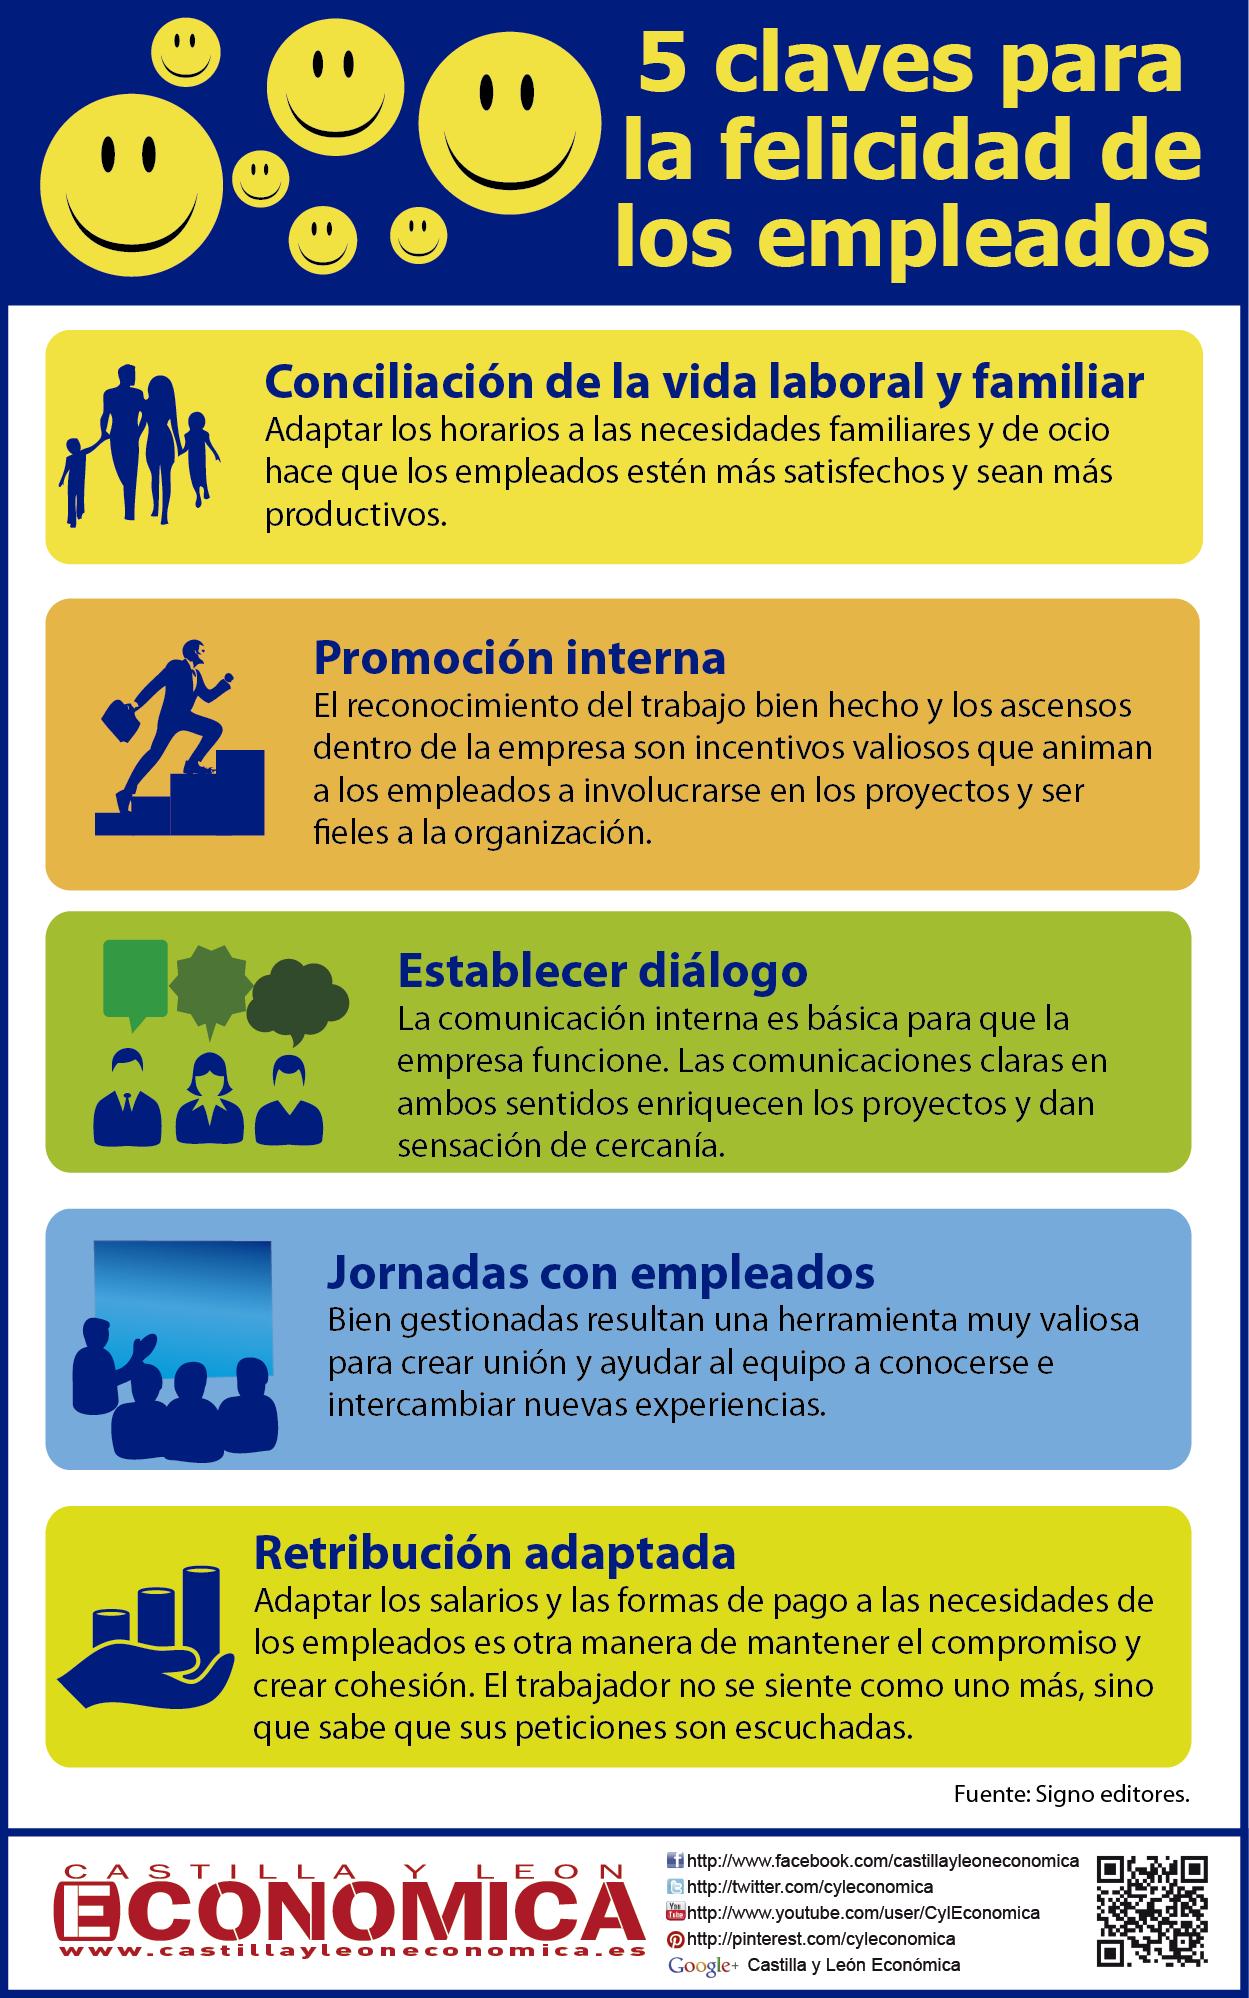 5 claves para la felicidad de los trabajadores #infografia ...